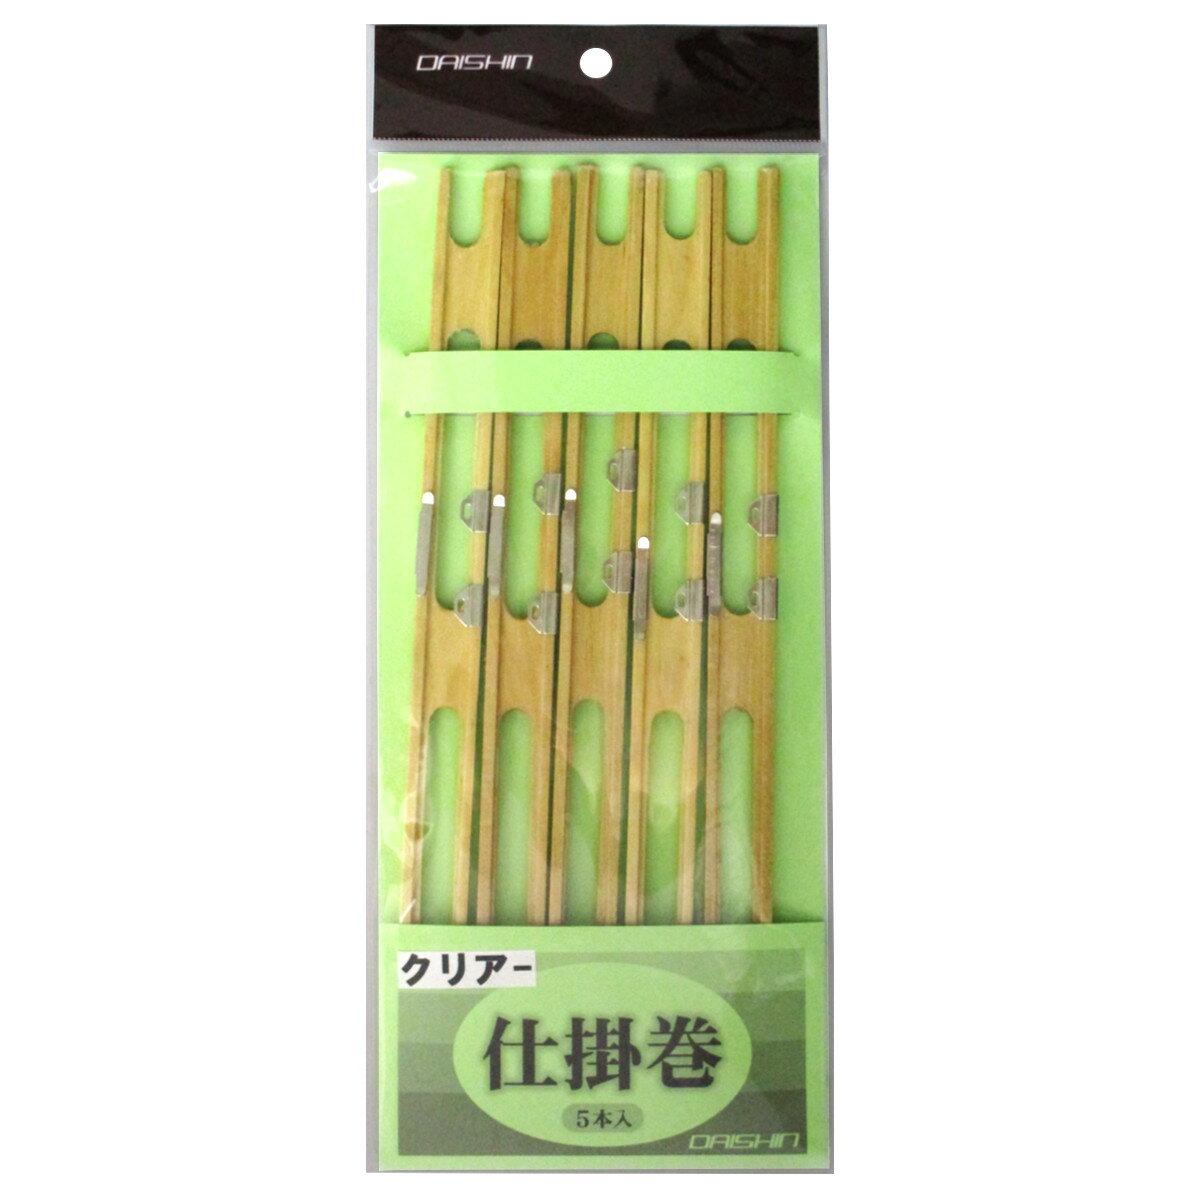 ダイシン 仕掛巻 5本セット クリアー(東日本店)